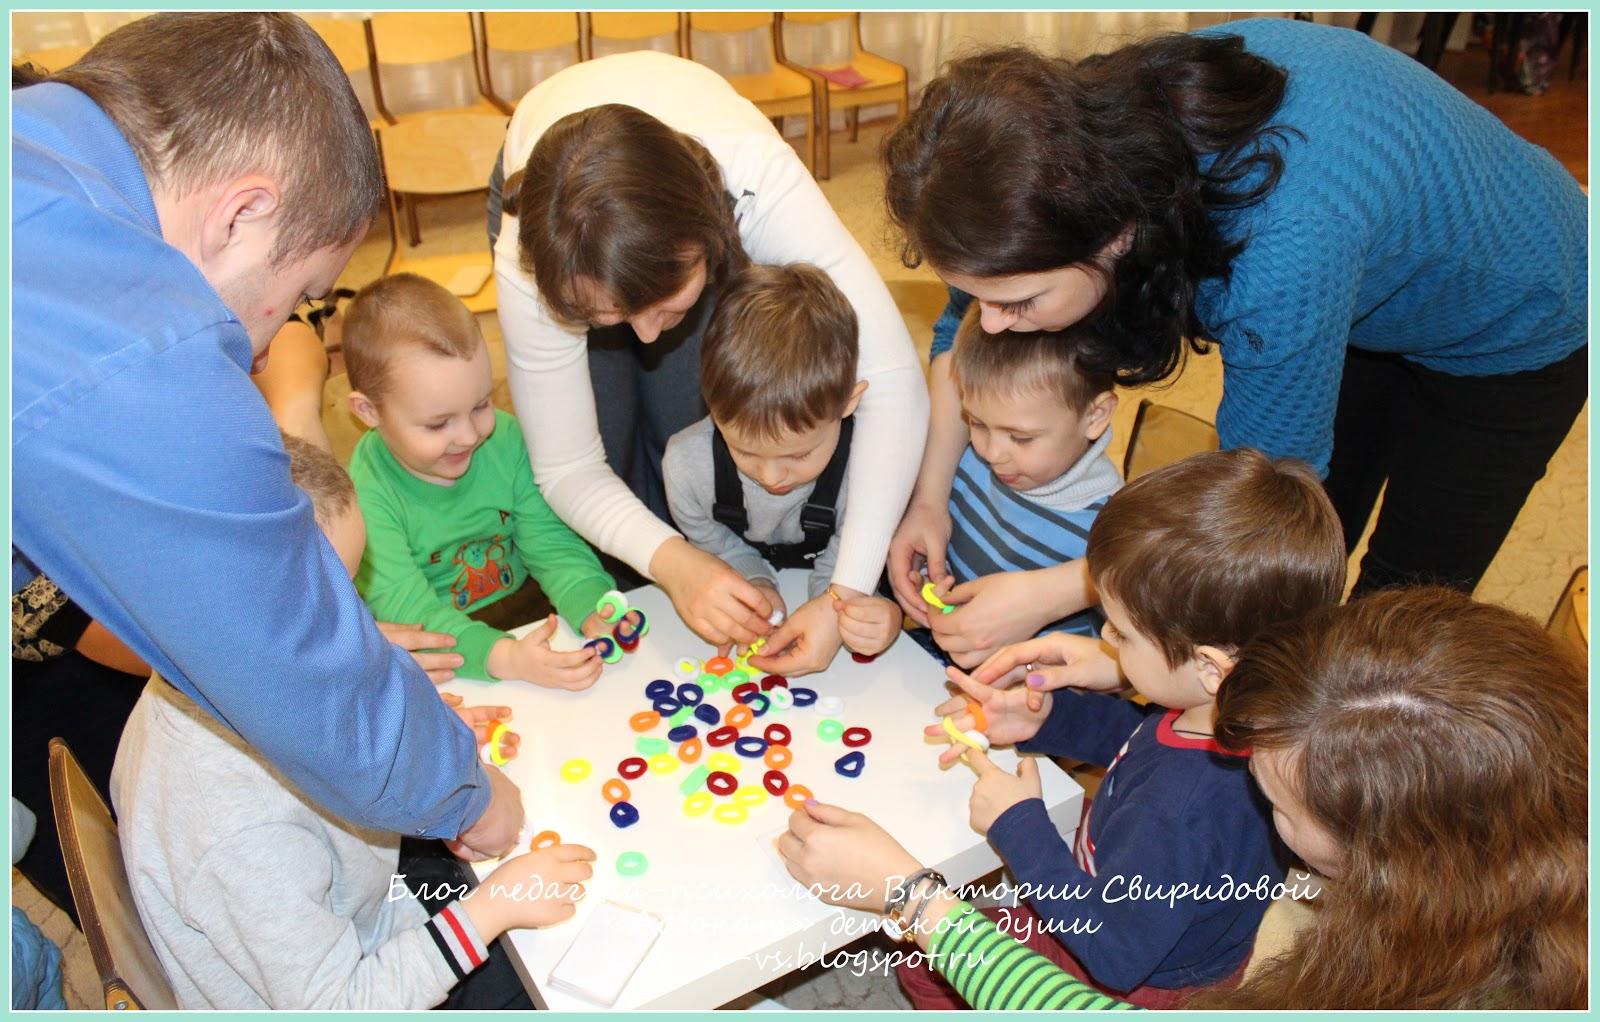 Игрушки и игры для детей  большой выбор детских товаров